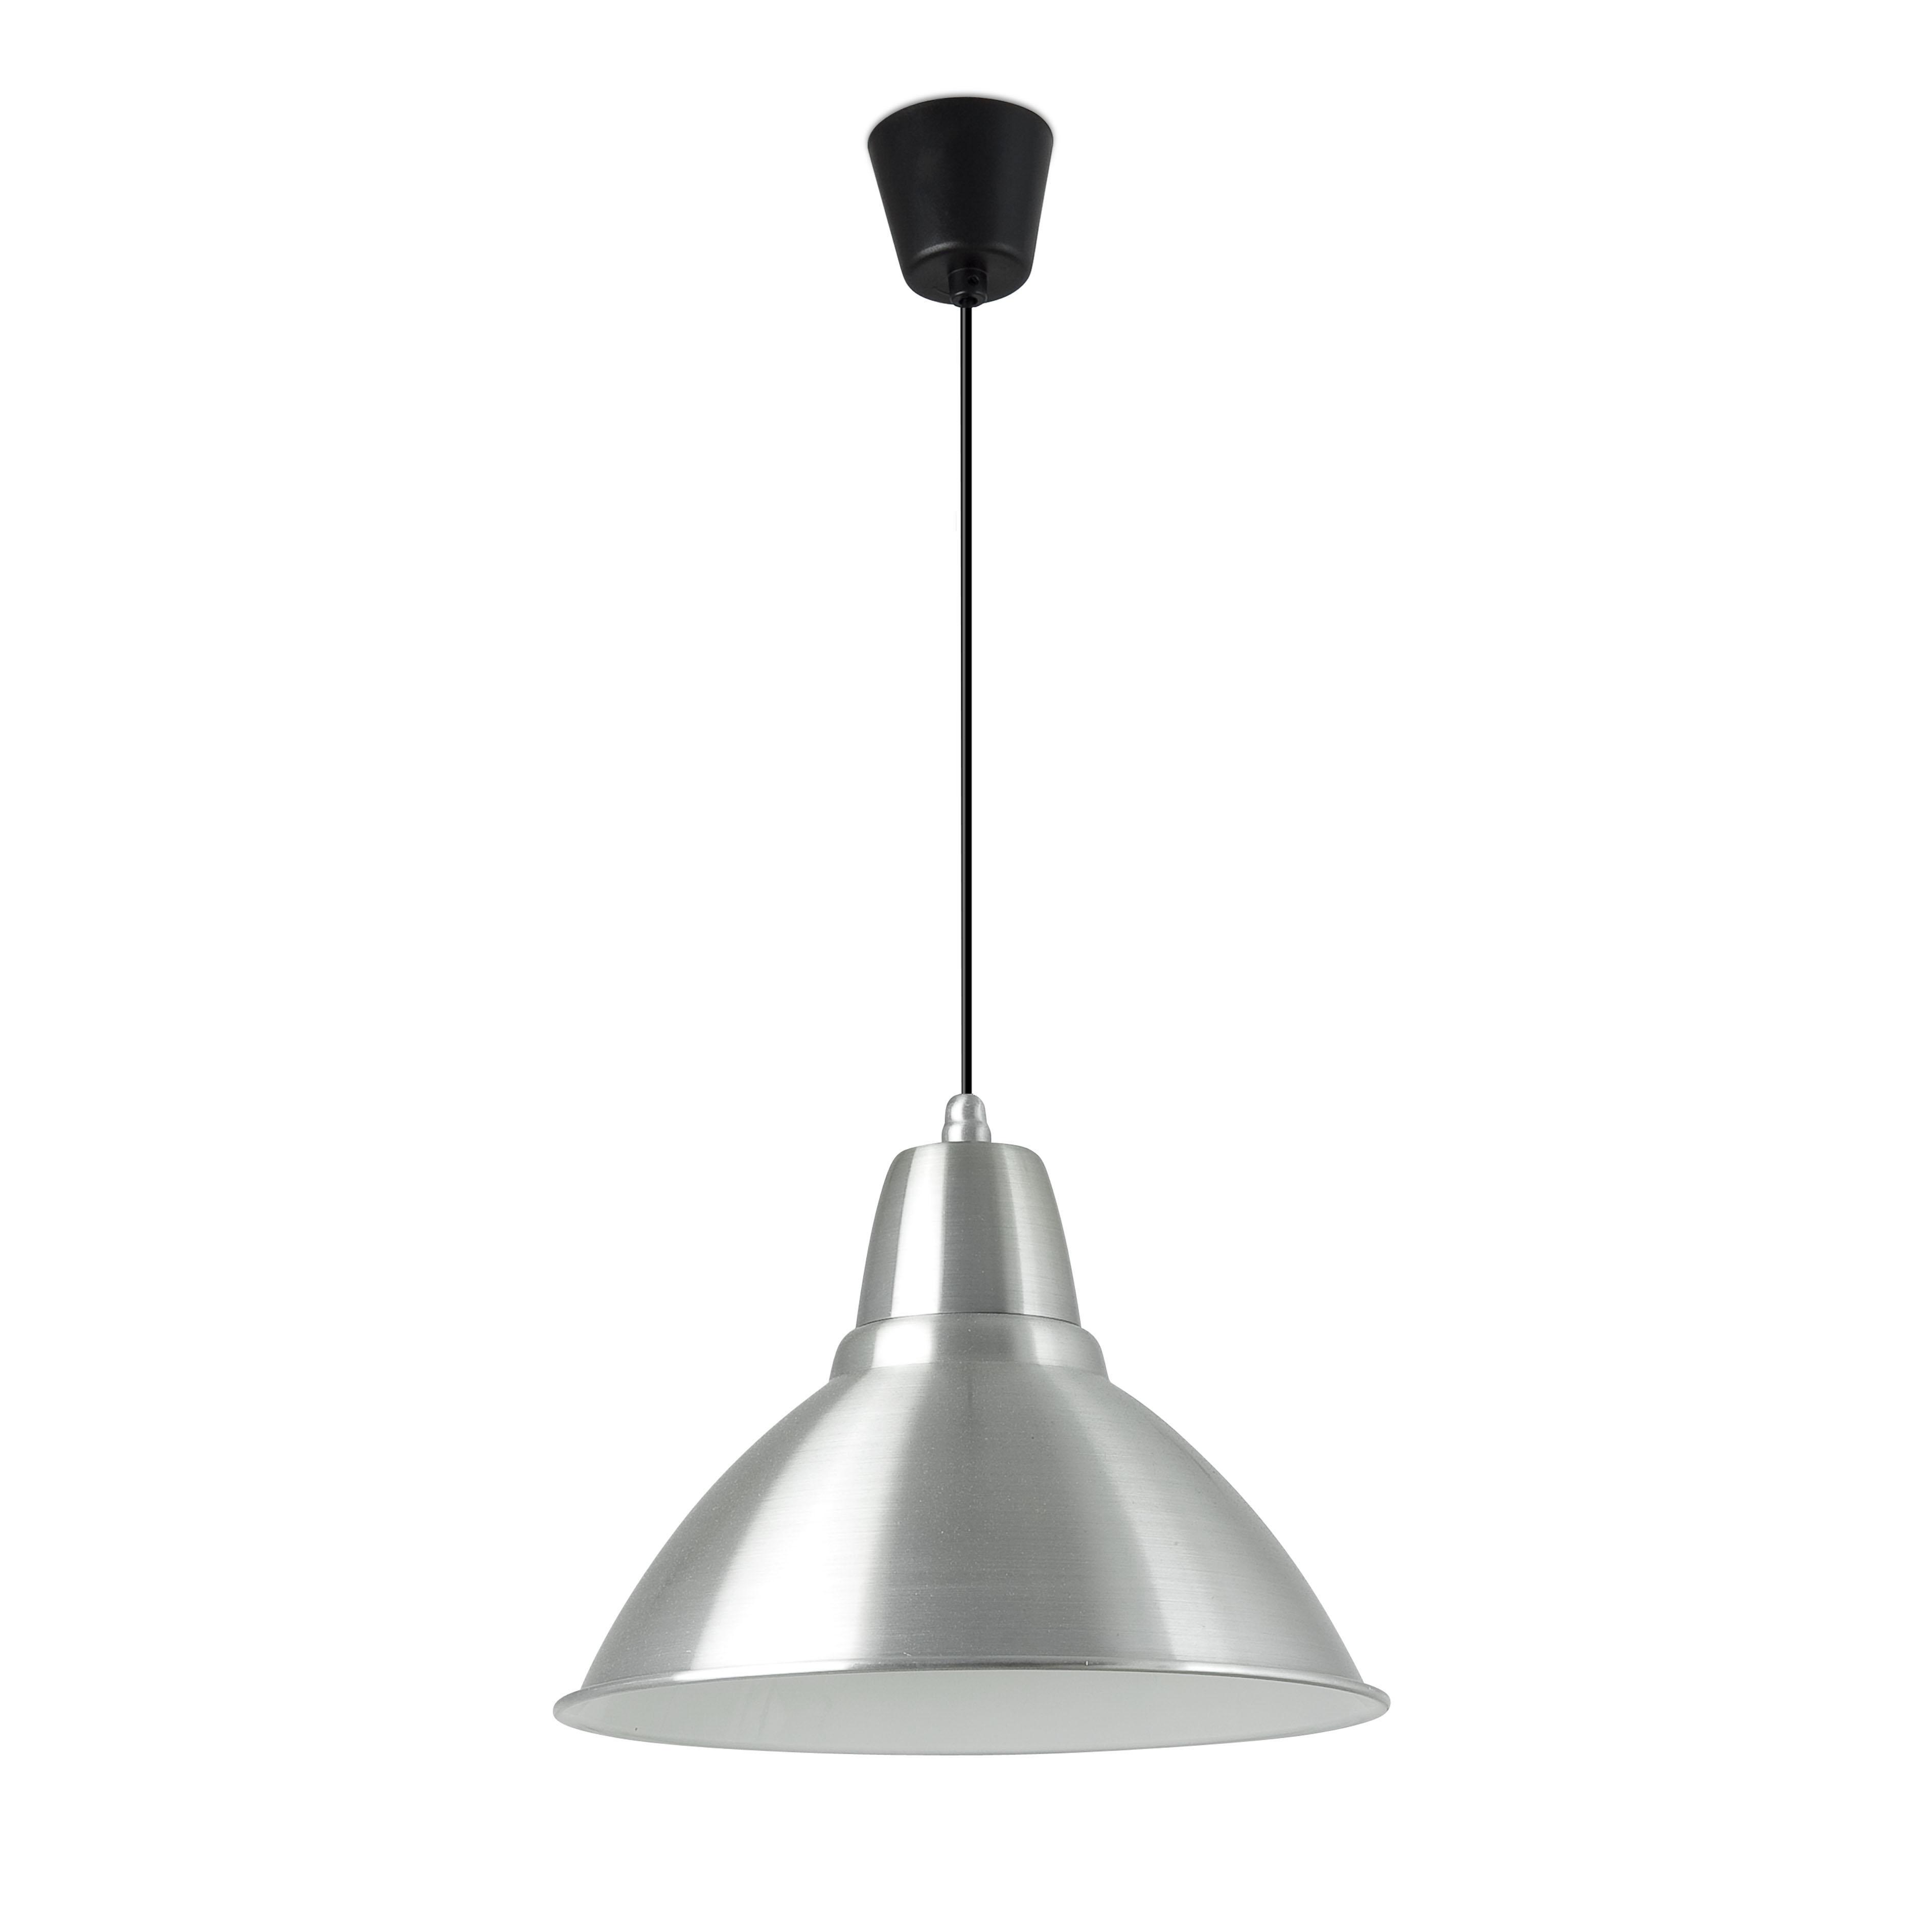 Aluminio 1 Lámpara Colgante Aluminio 1xE27 max 75W no incl